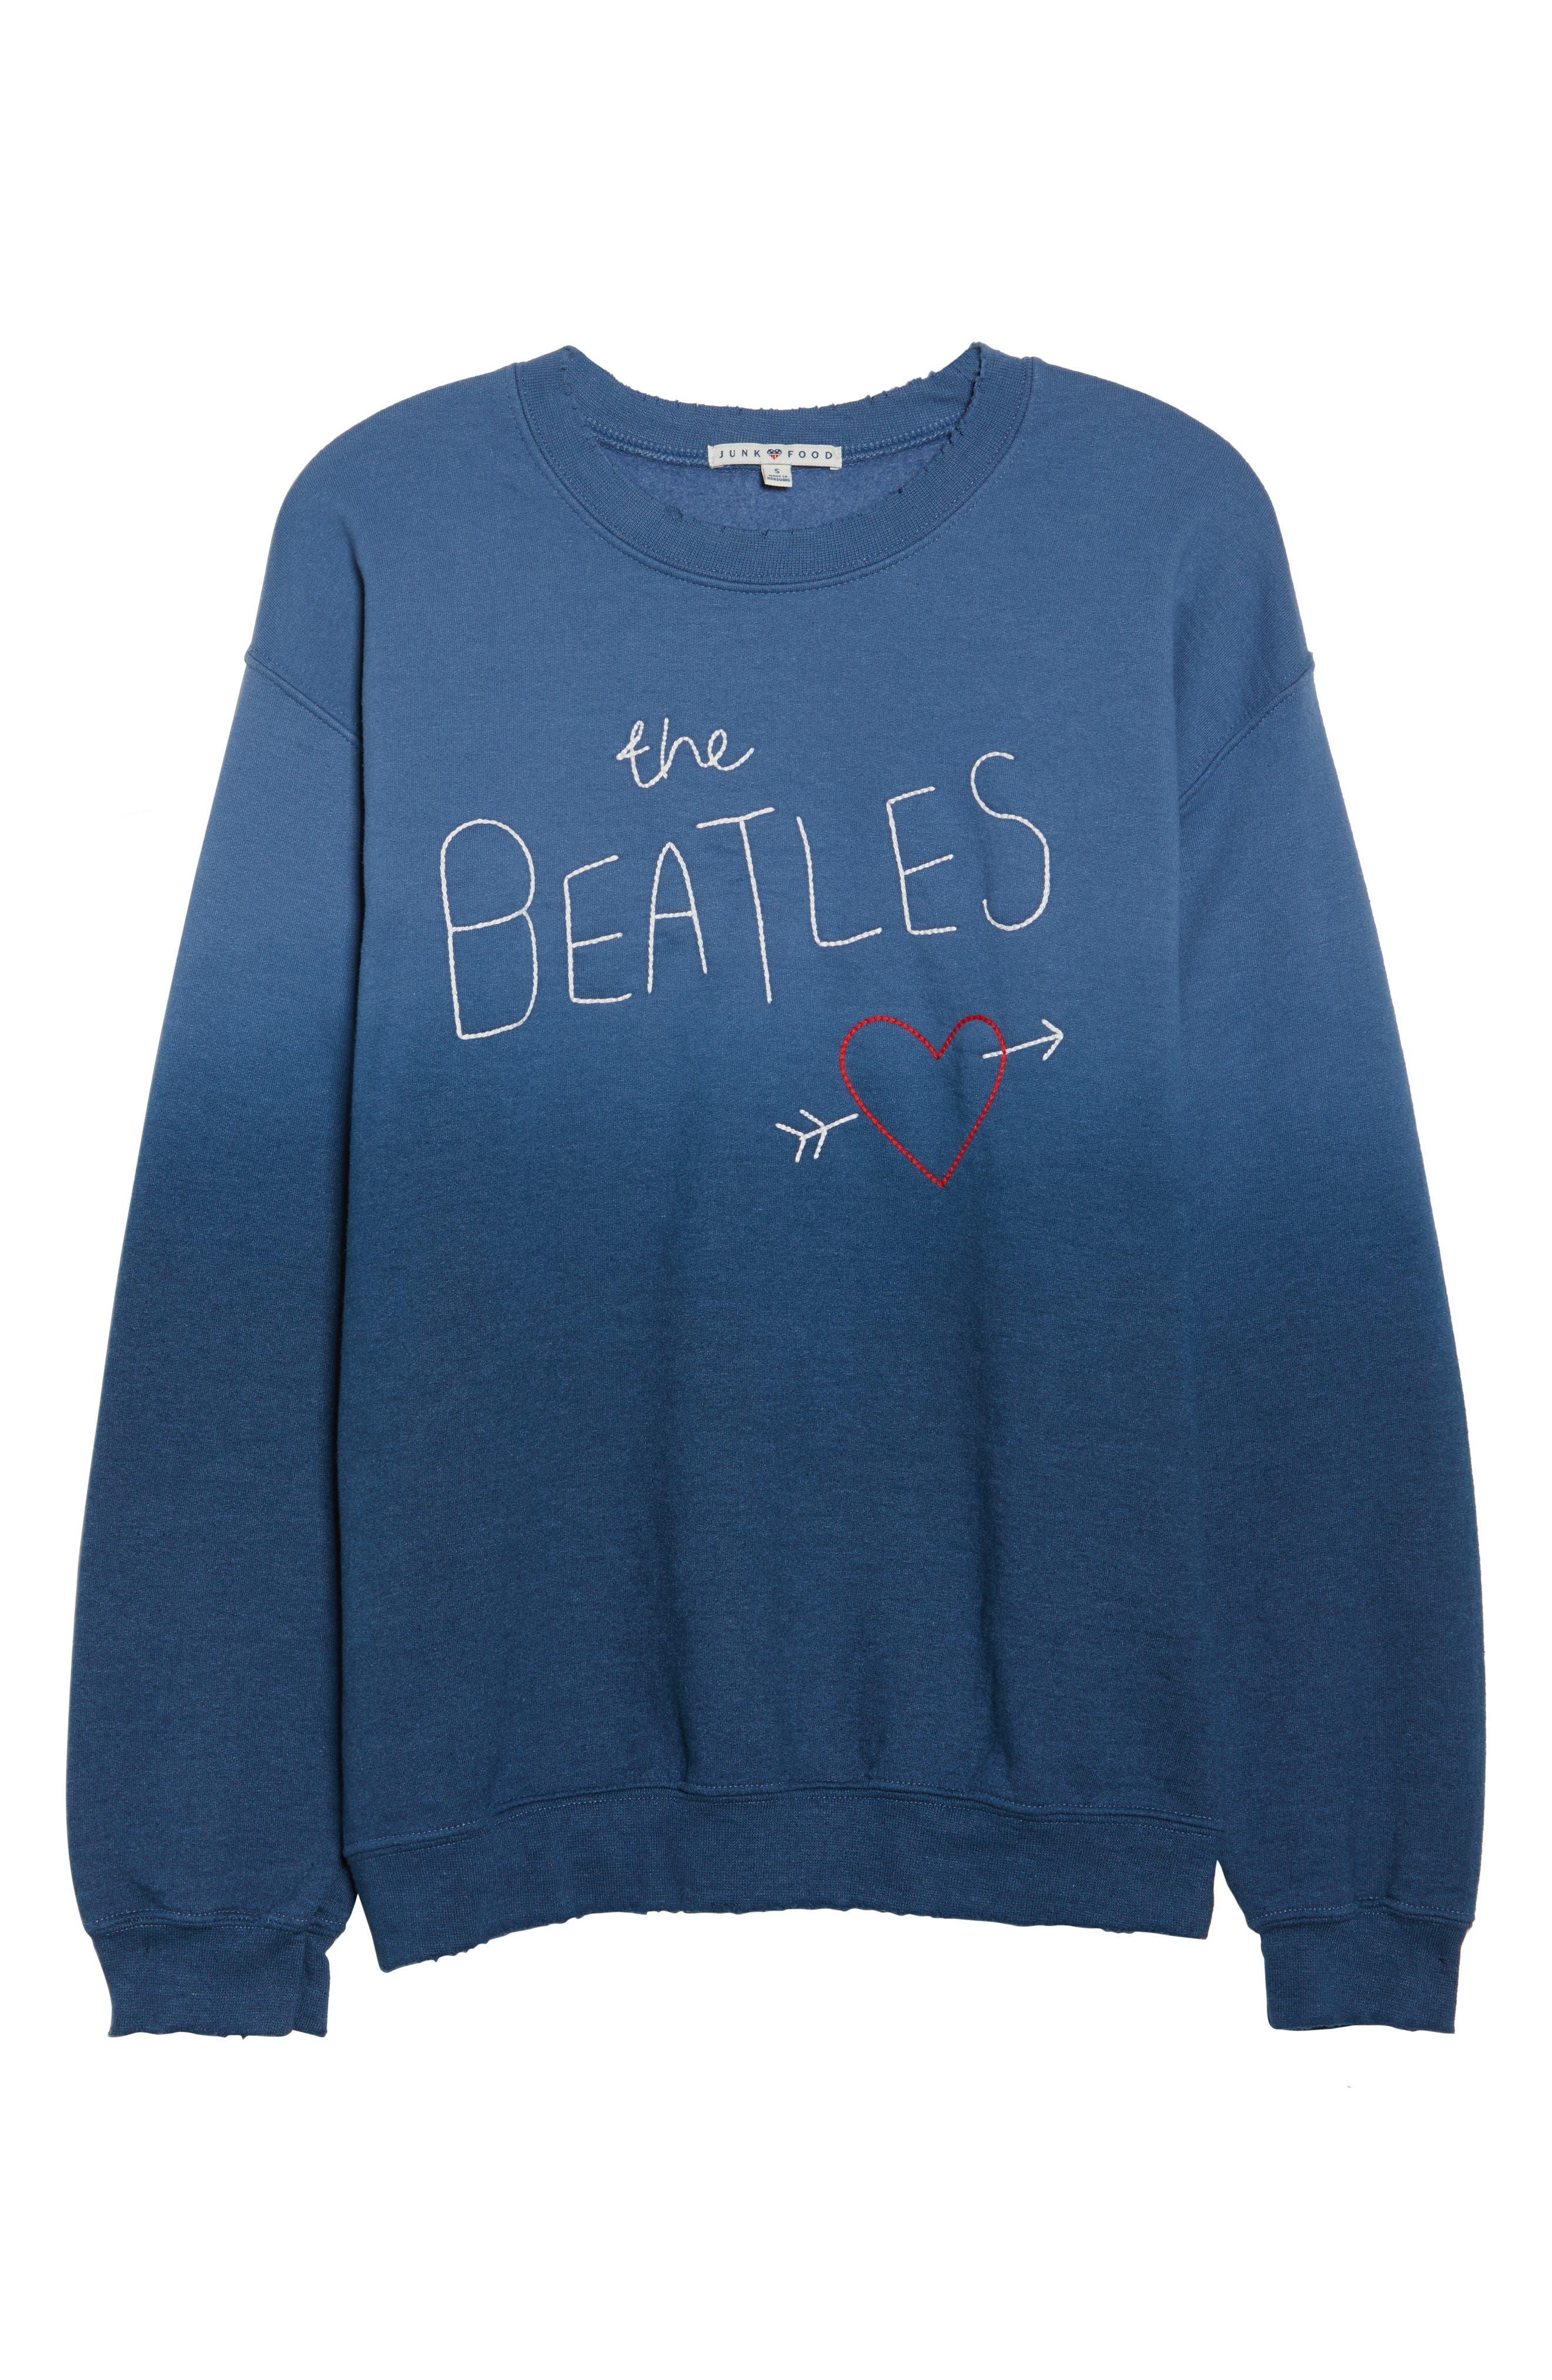 Alternate Image 4  - Junk Food The Beatles Ombré Sweatshirt (Nordstrom Exclusive)